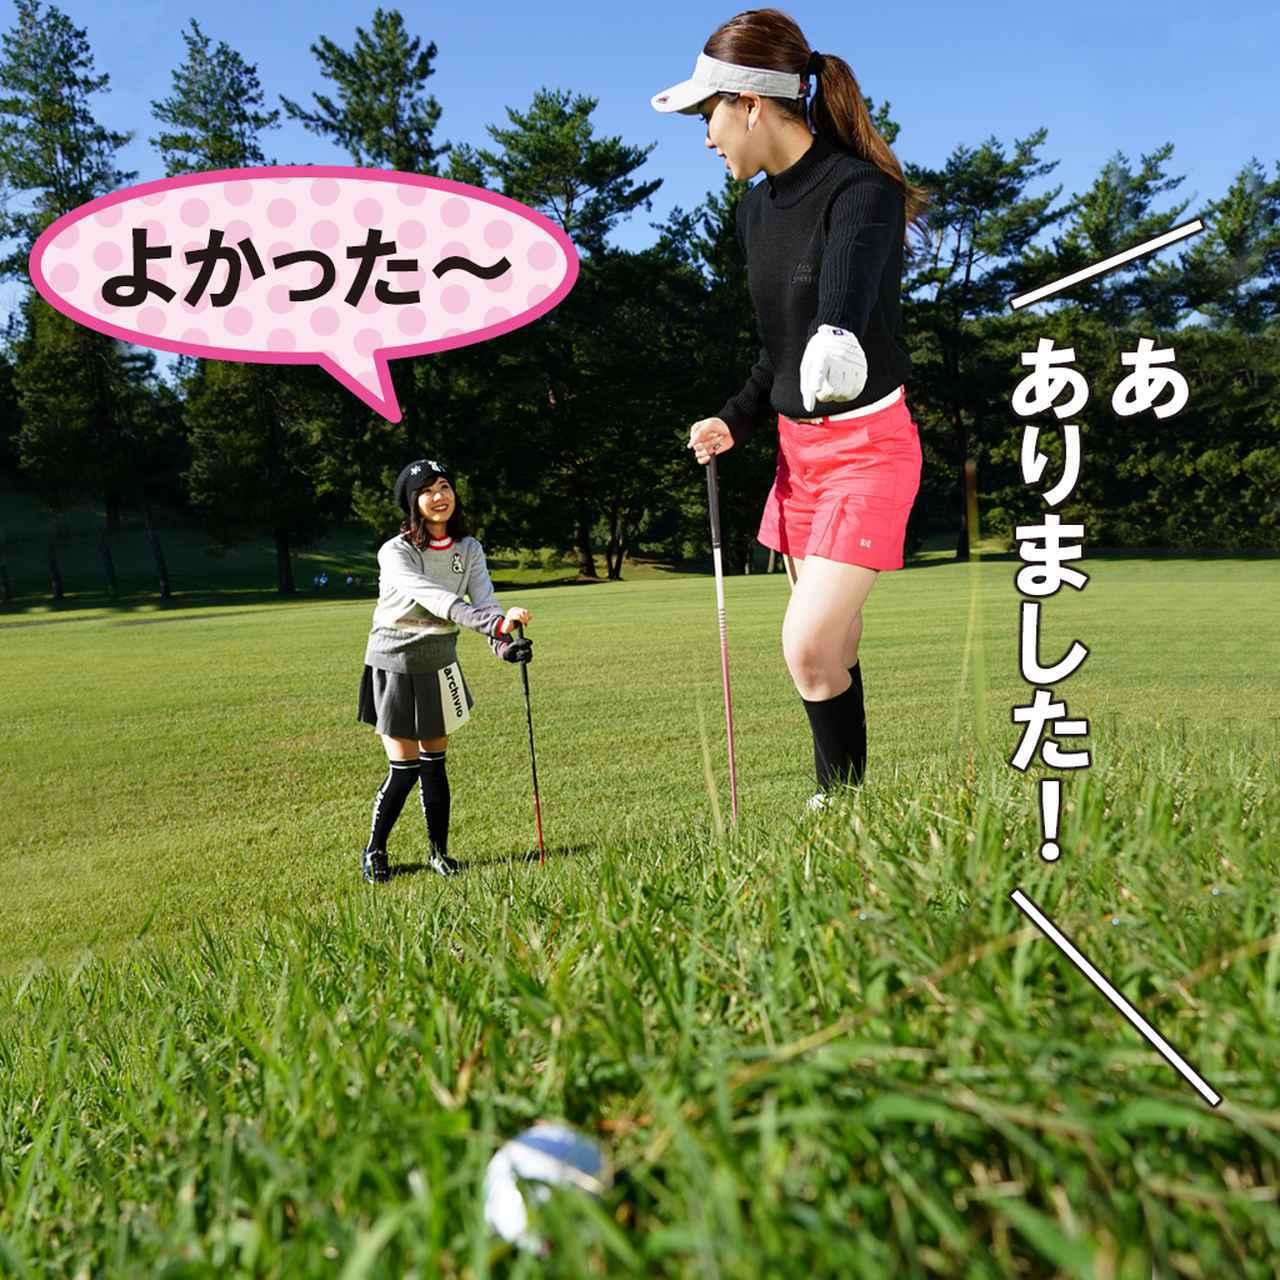 画像1: 【新ルール】ソールしたら球が動いた…このときの対処法は?